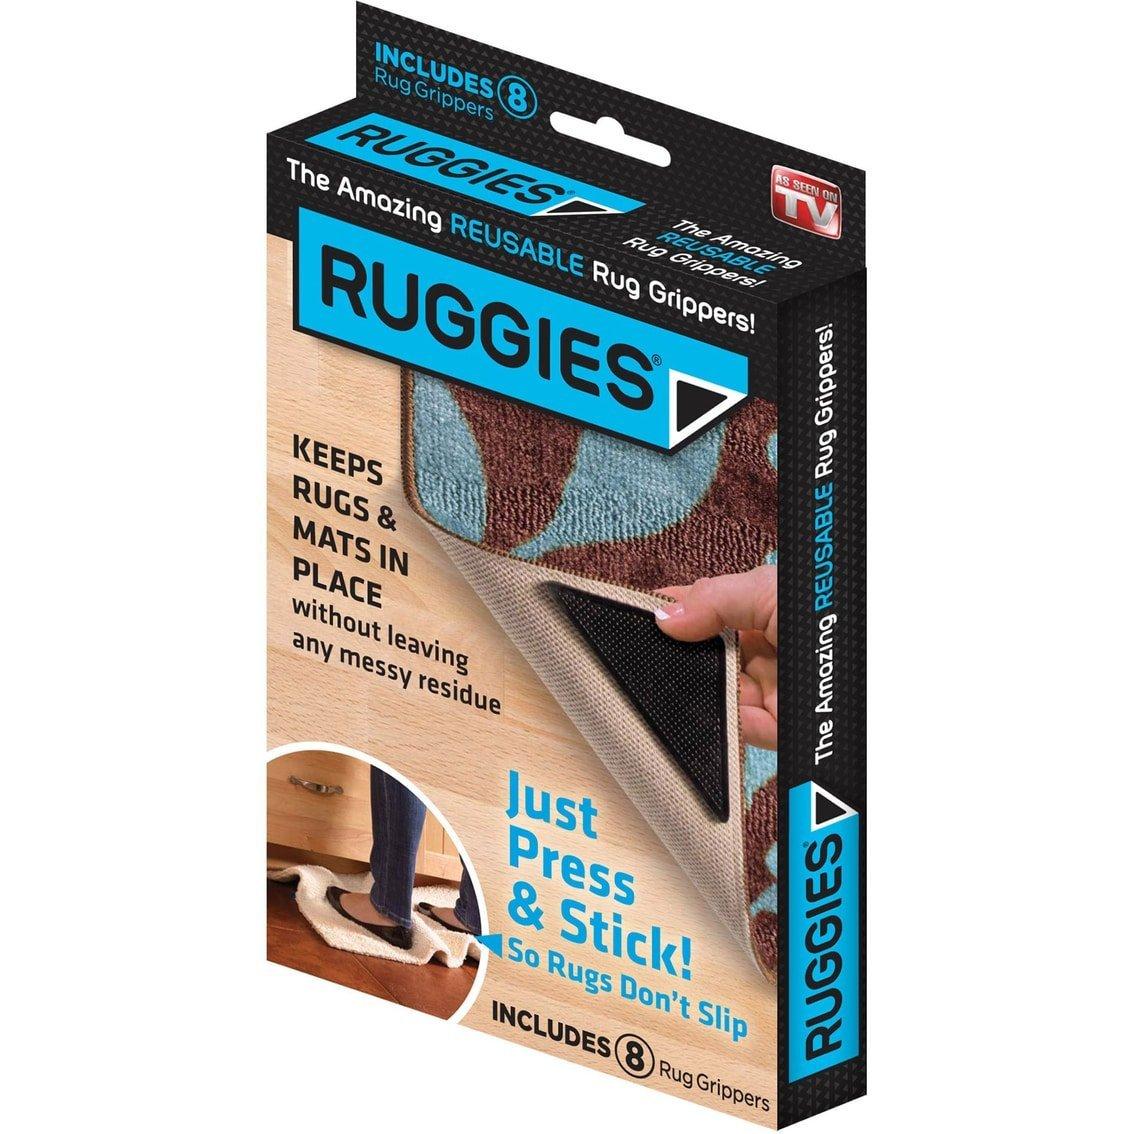 Ruggies Rug Grippers Reusable Rug Corners